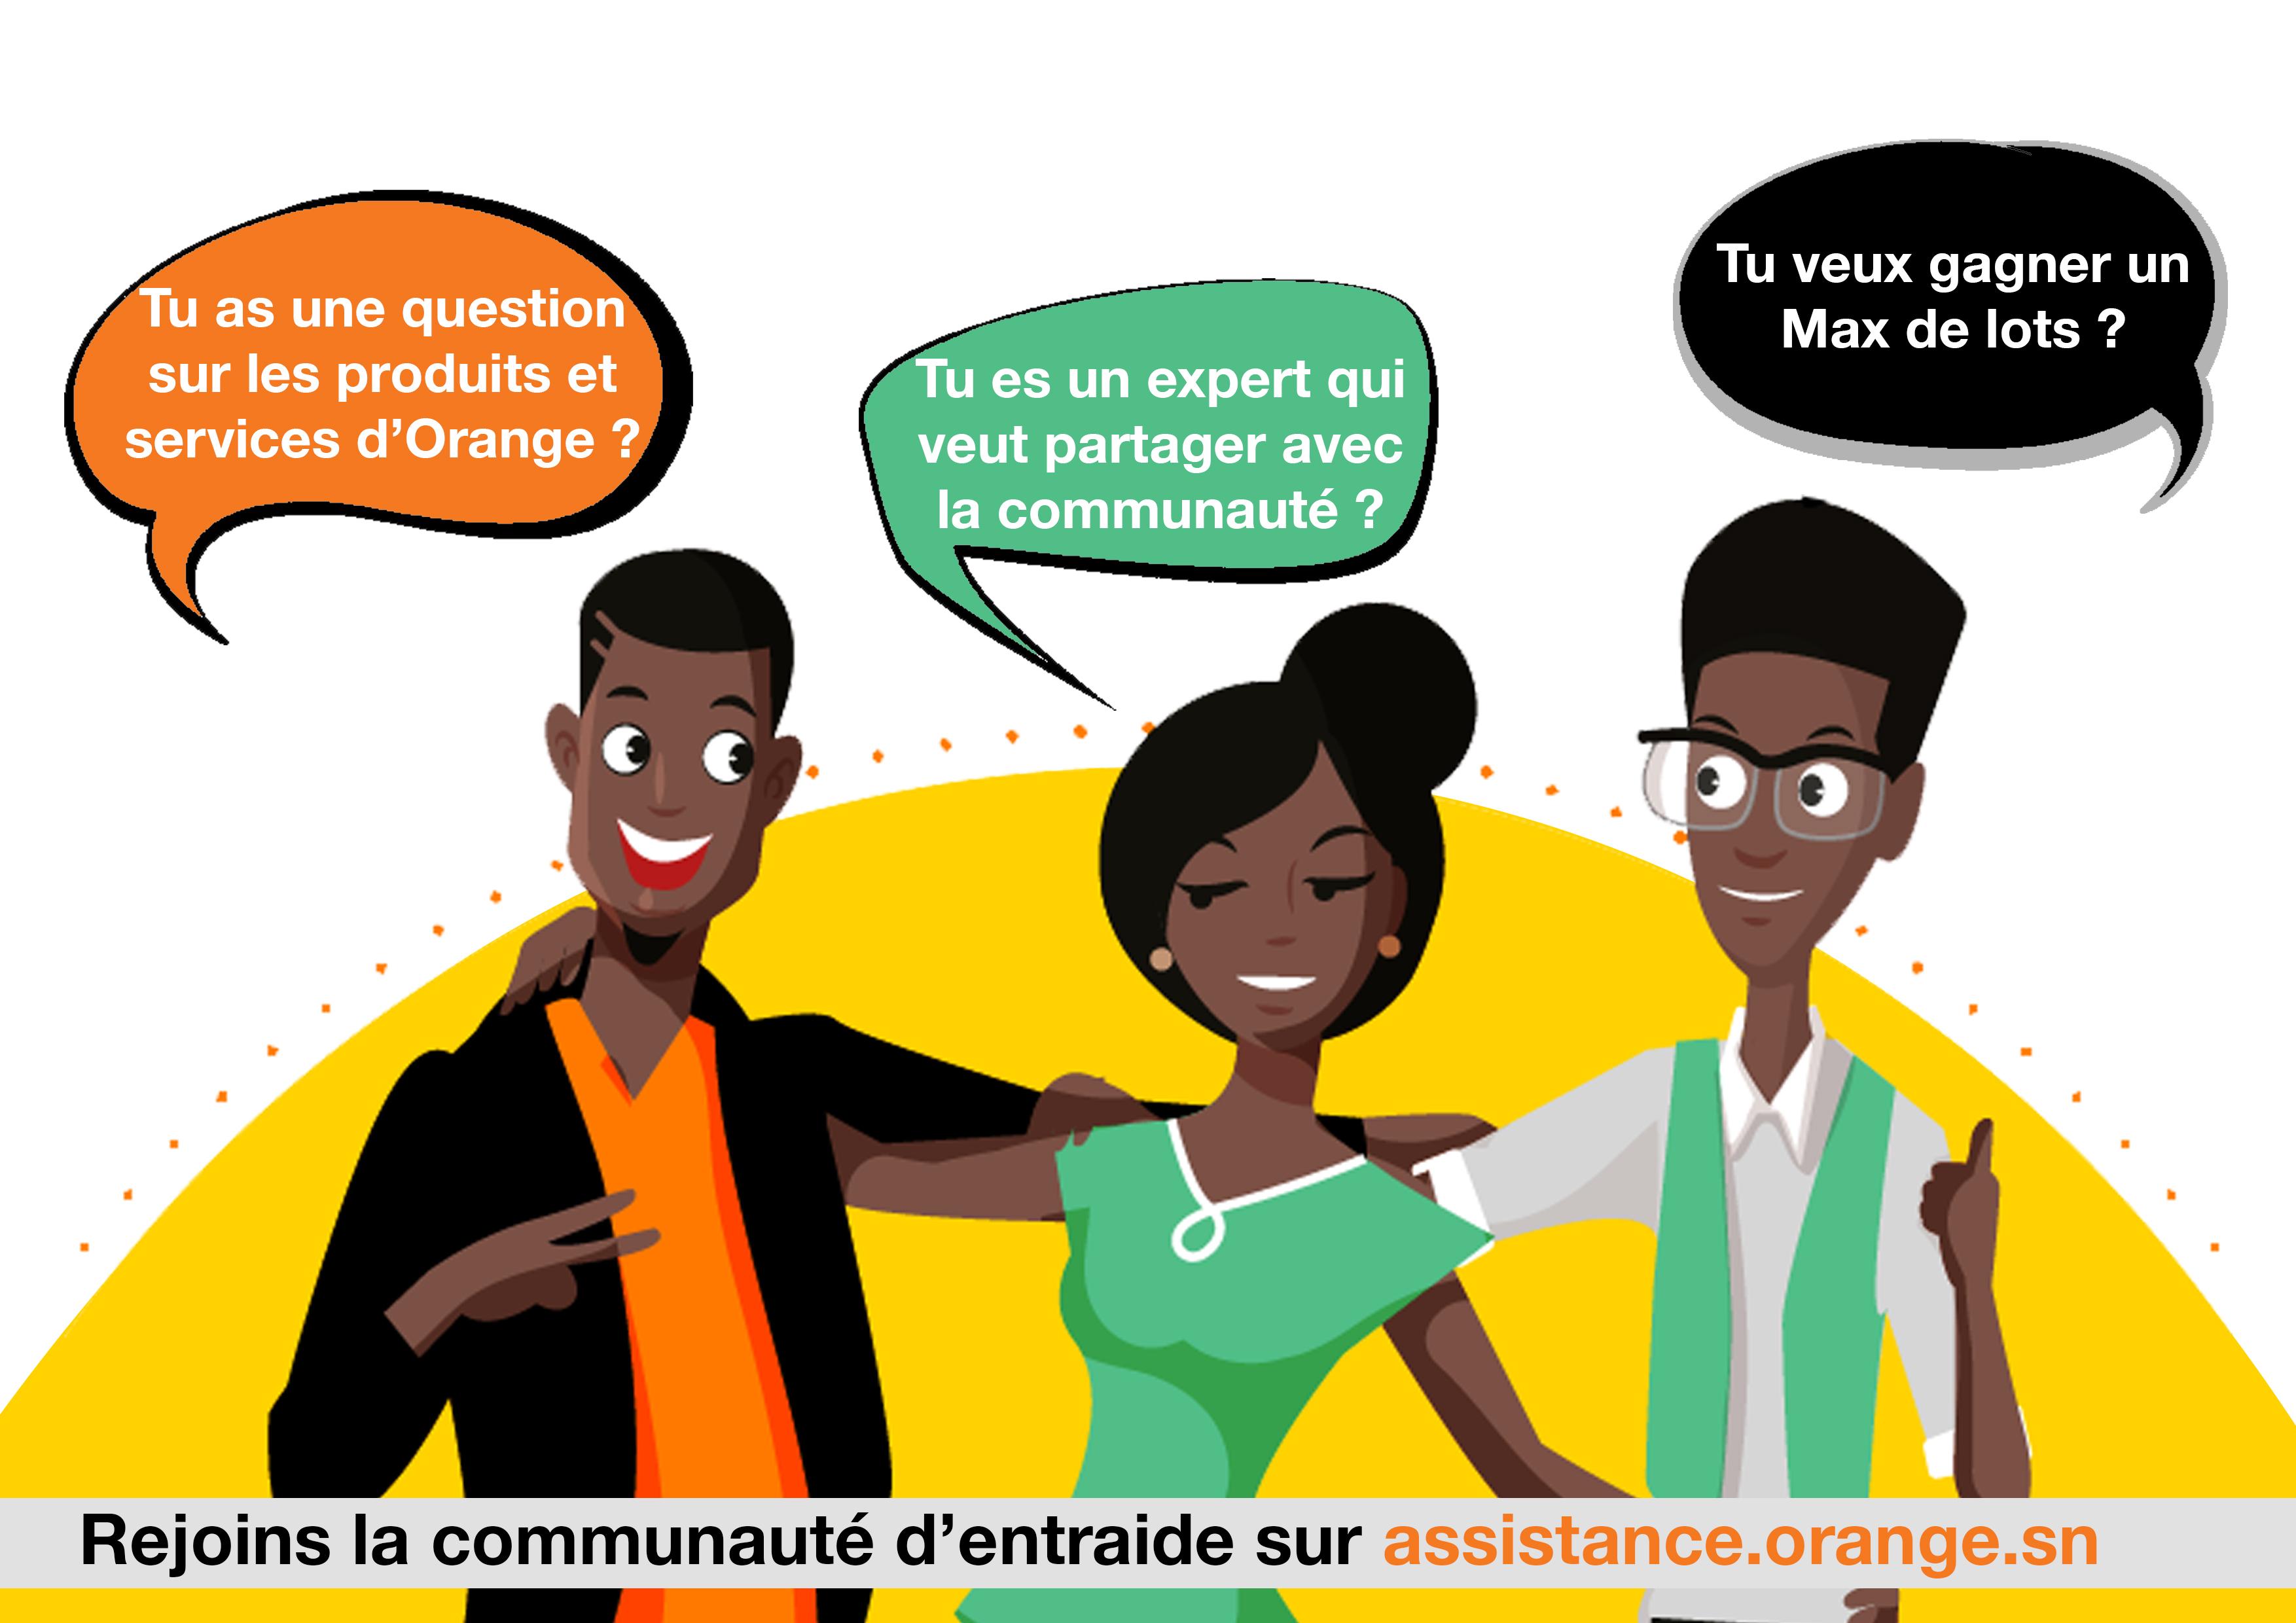 Rejoins la communauté Orange.JPG